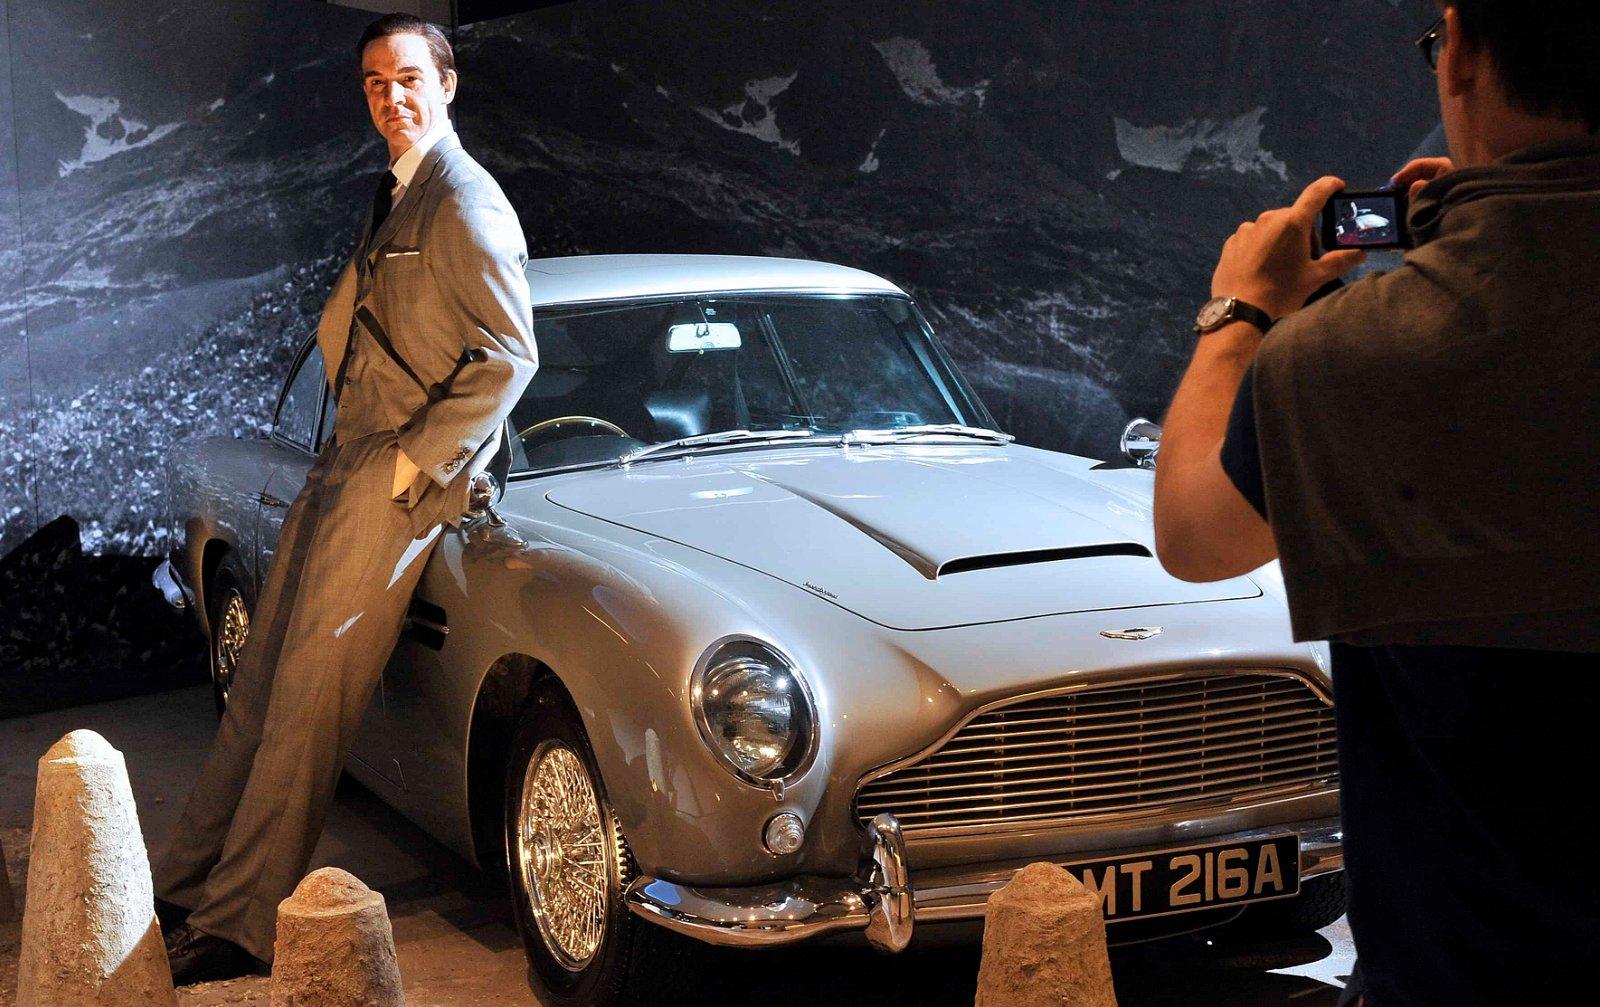 Un visiteur dans un musée prend en photo une statue de cire de Sean Connery appuyé contre une voiture.